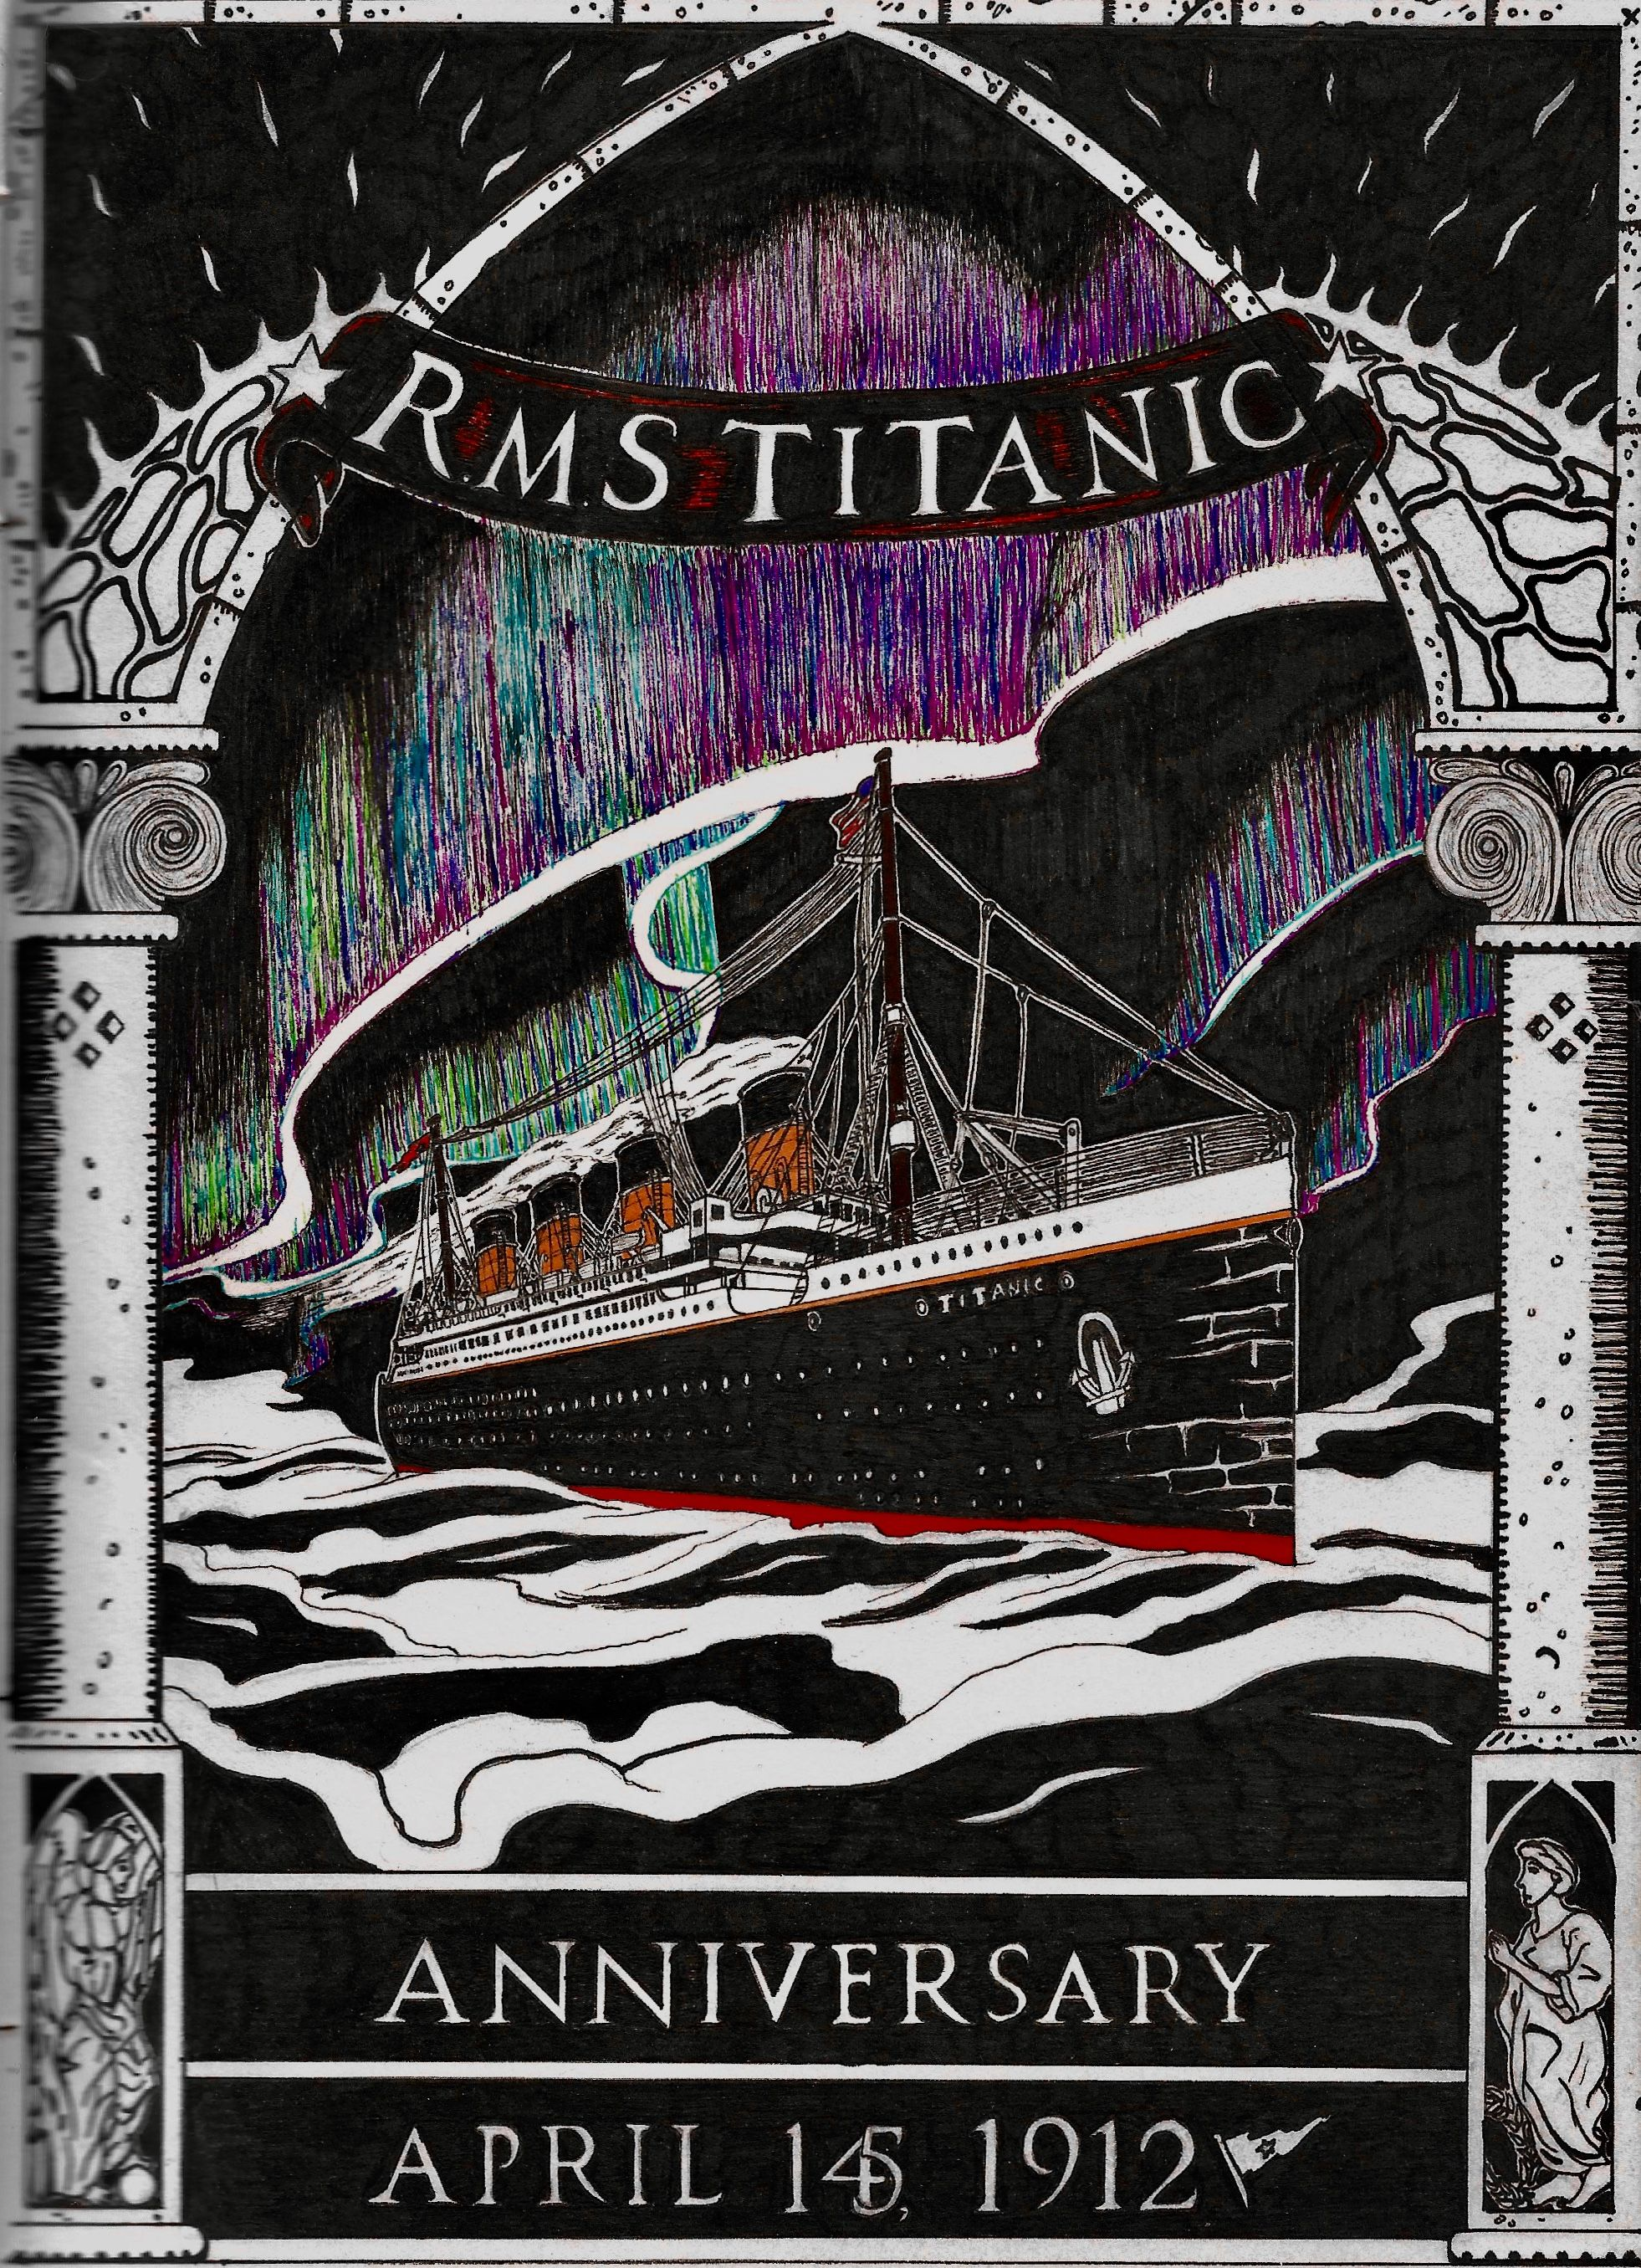 Titanic Image By William Slattery